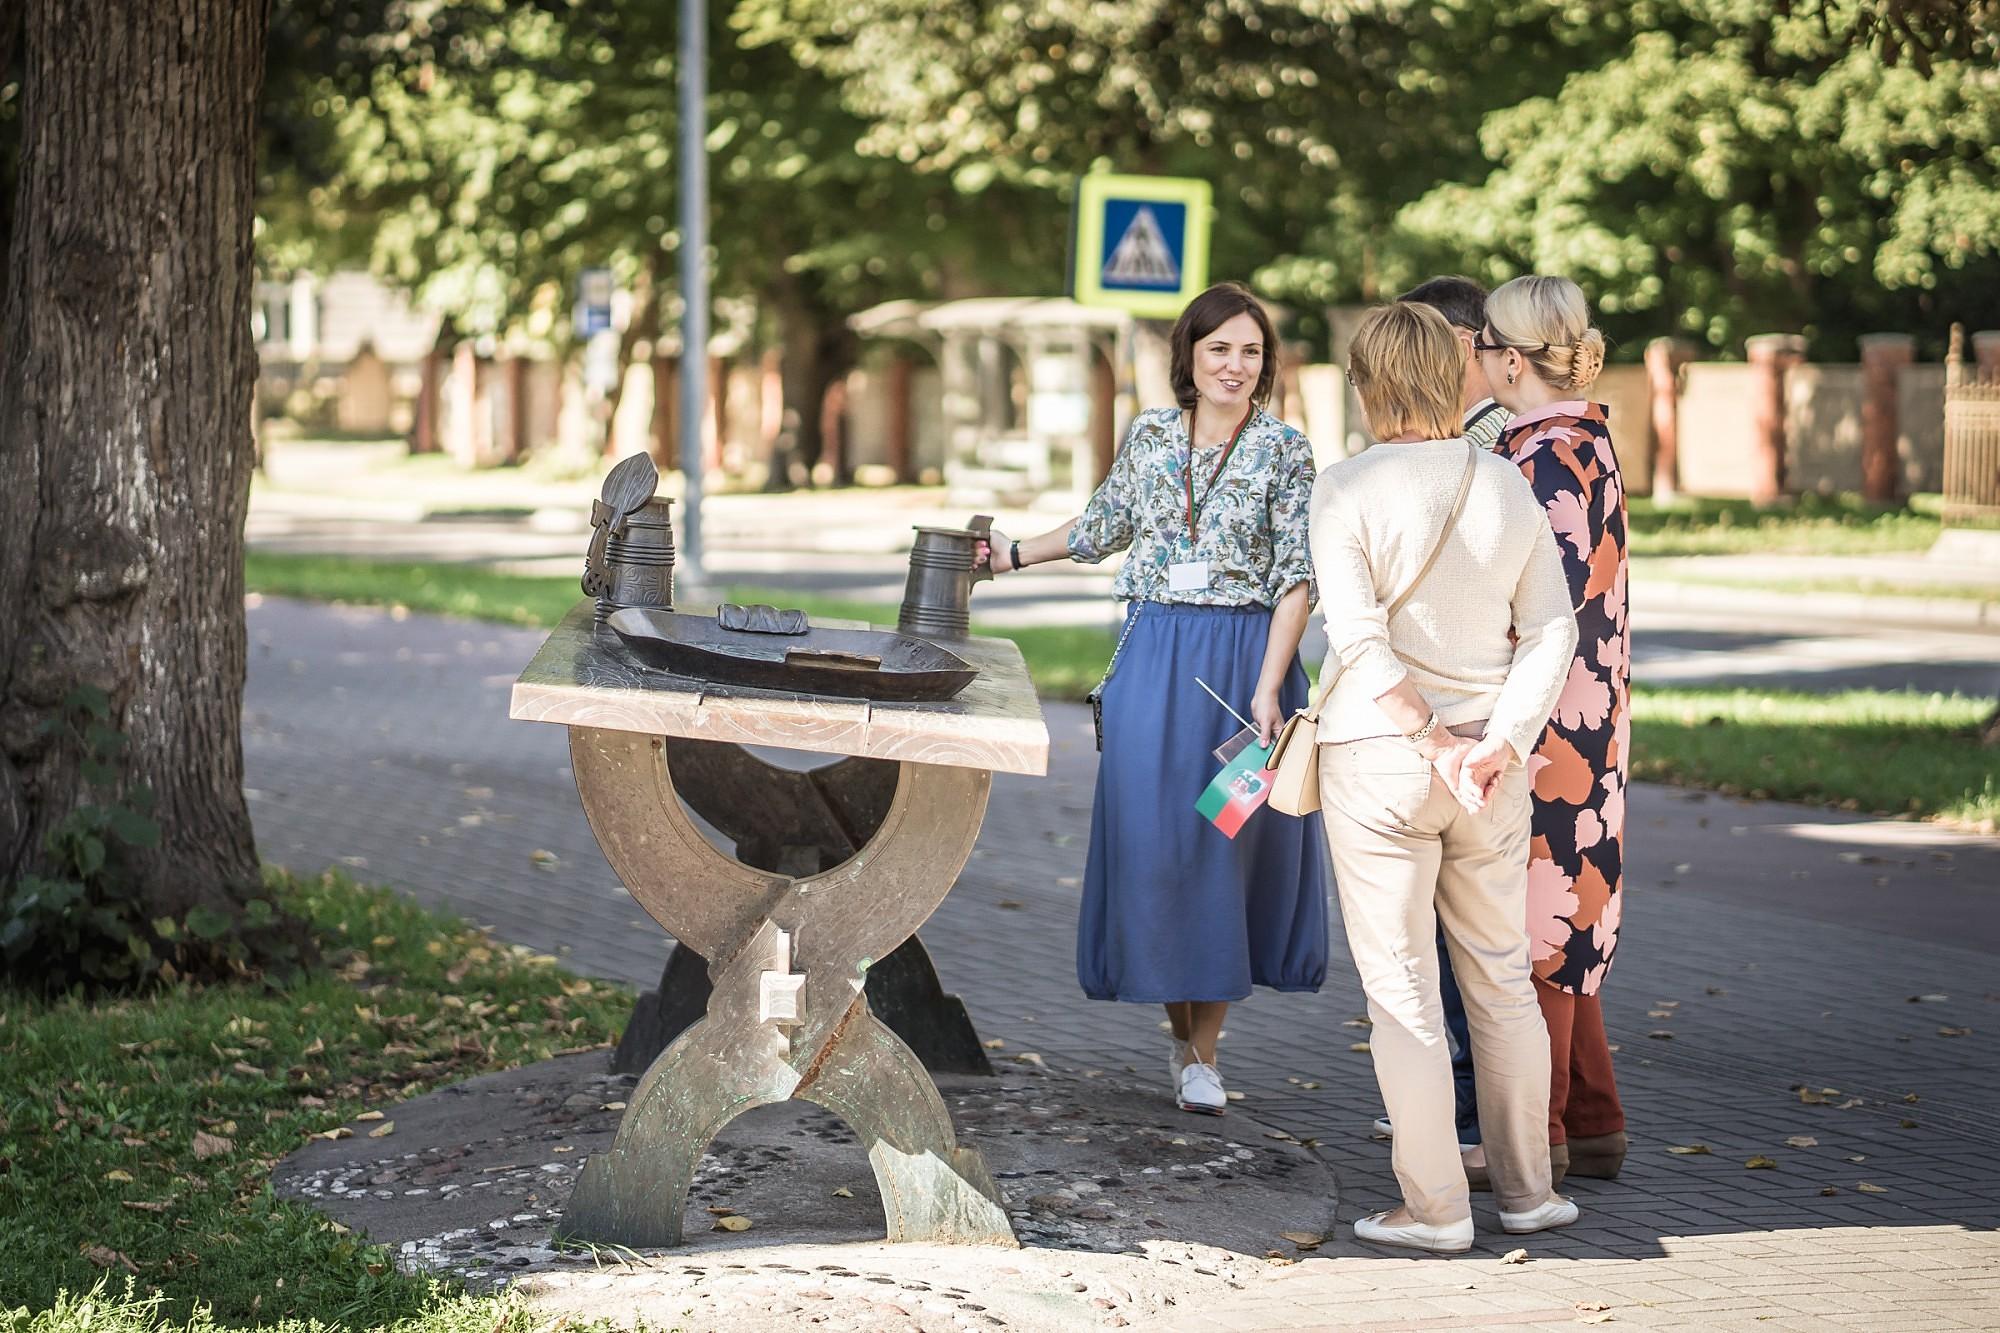 В Лиепае в первом полугодии на 10% процентов увеличилось число туристов